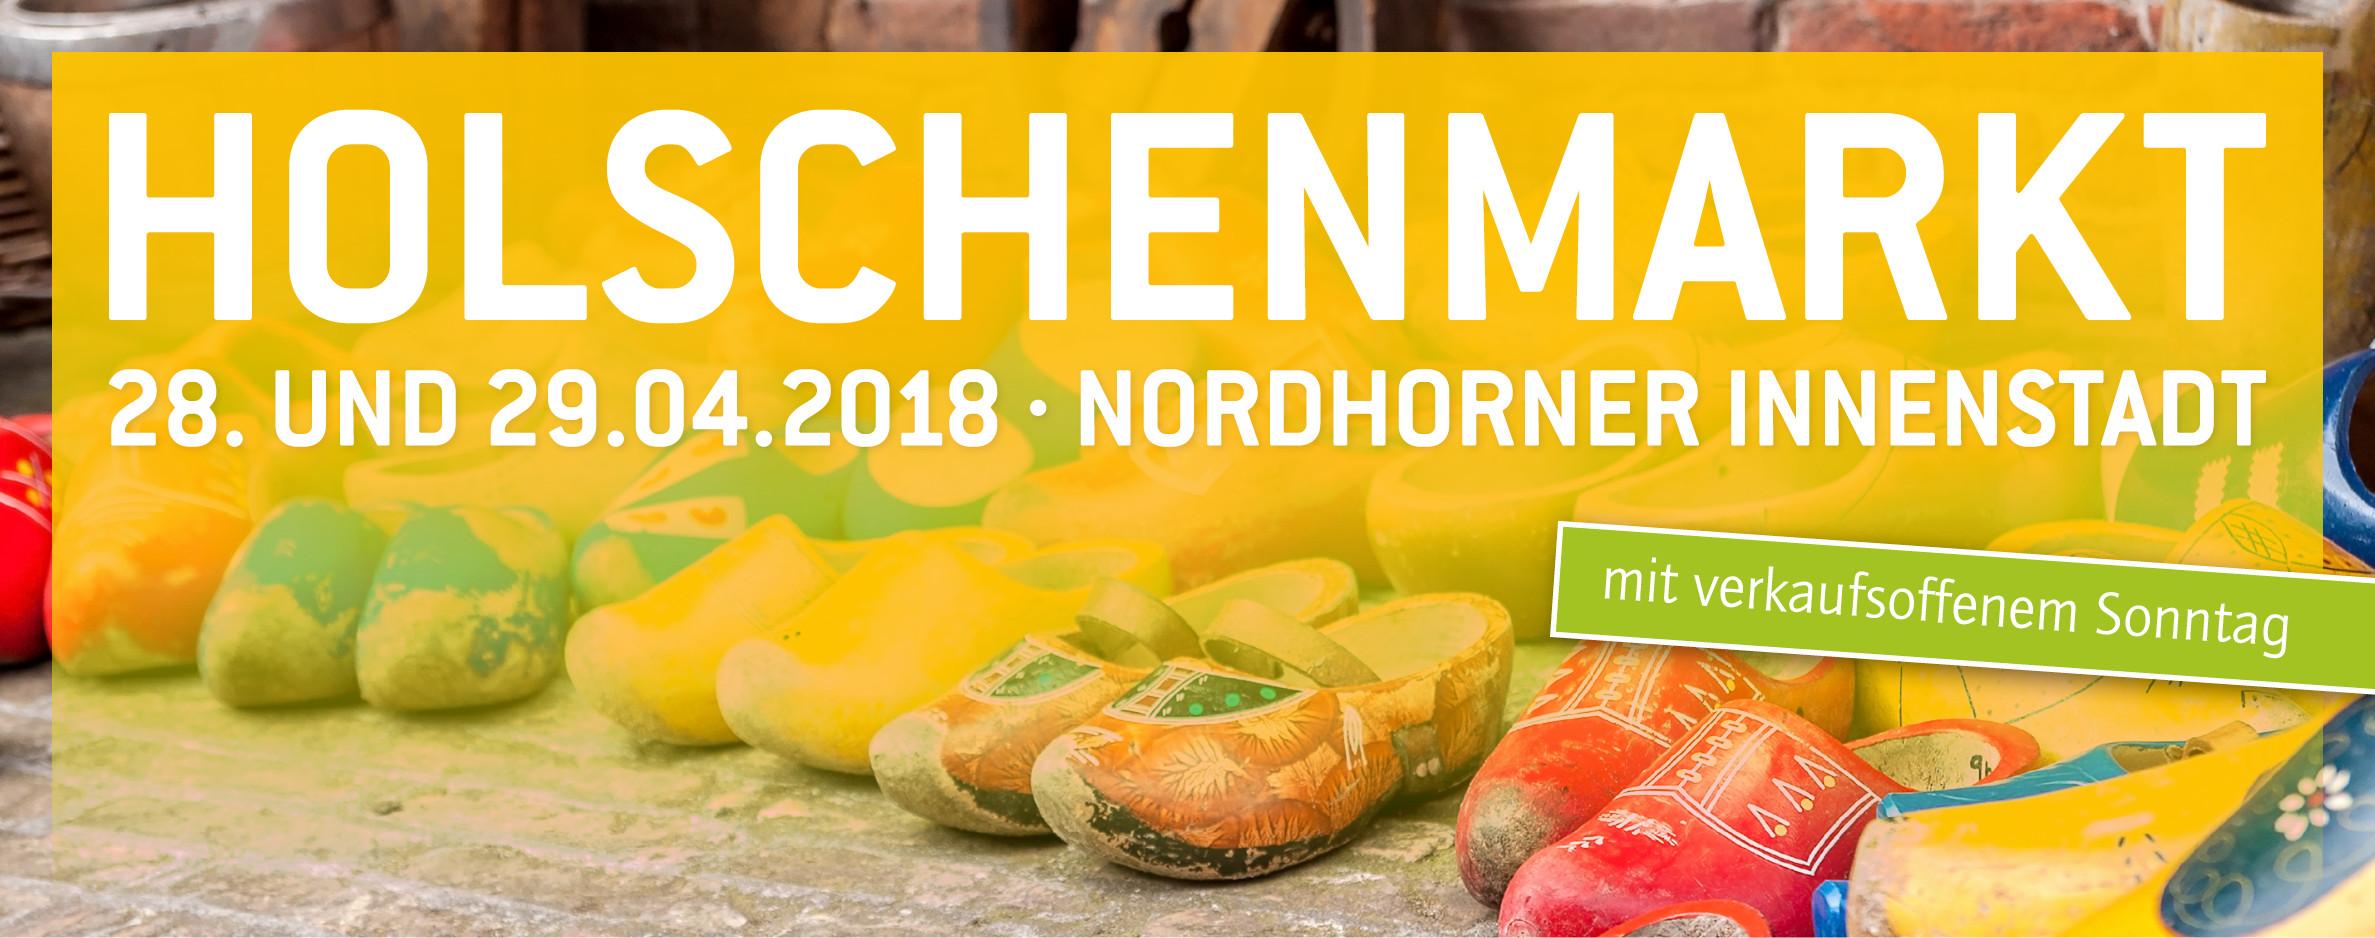 Holschenmarkt 2018 Nordhorn